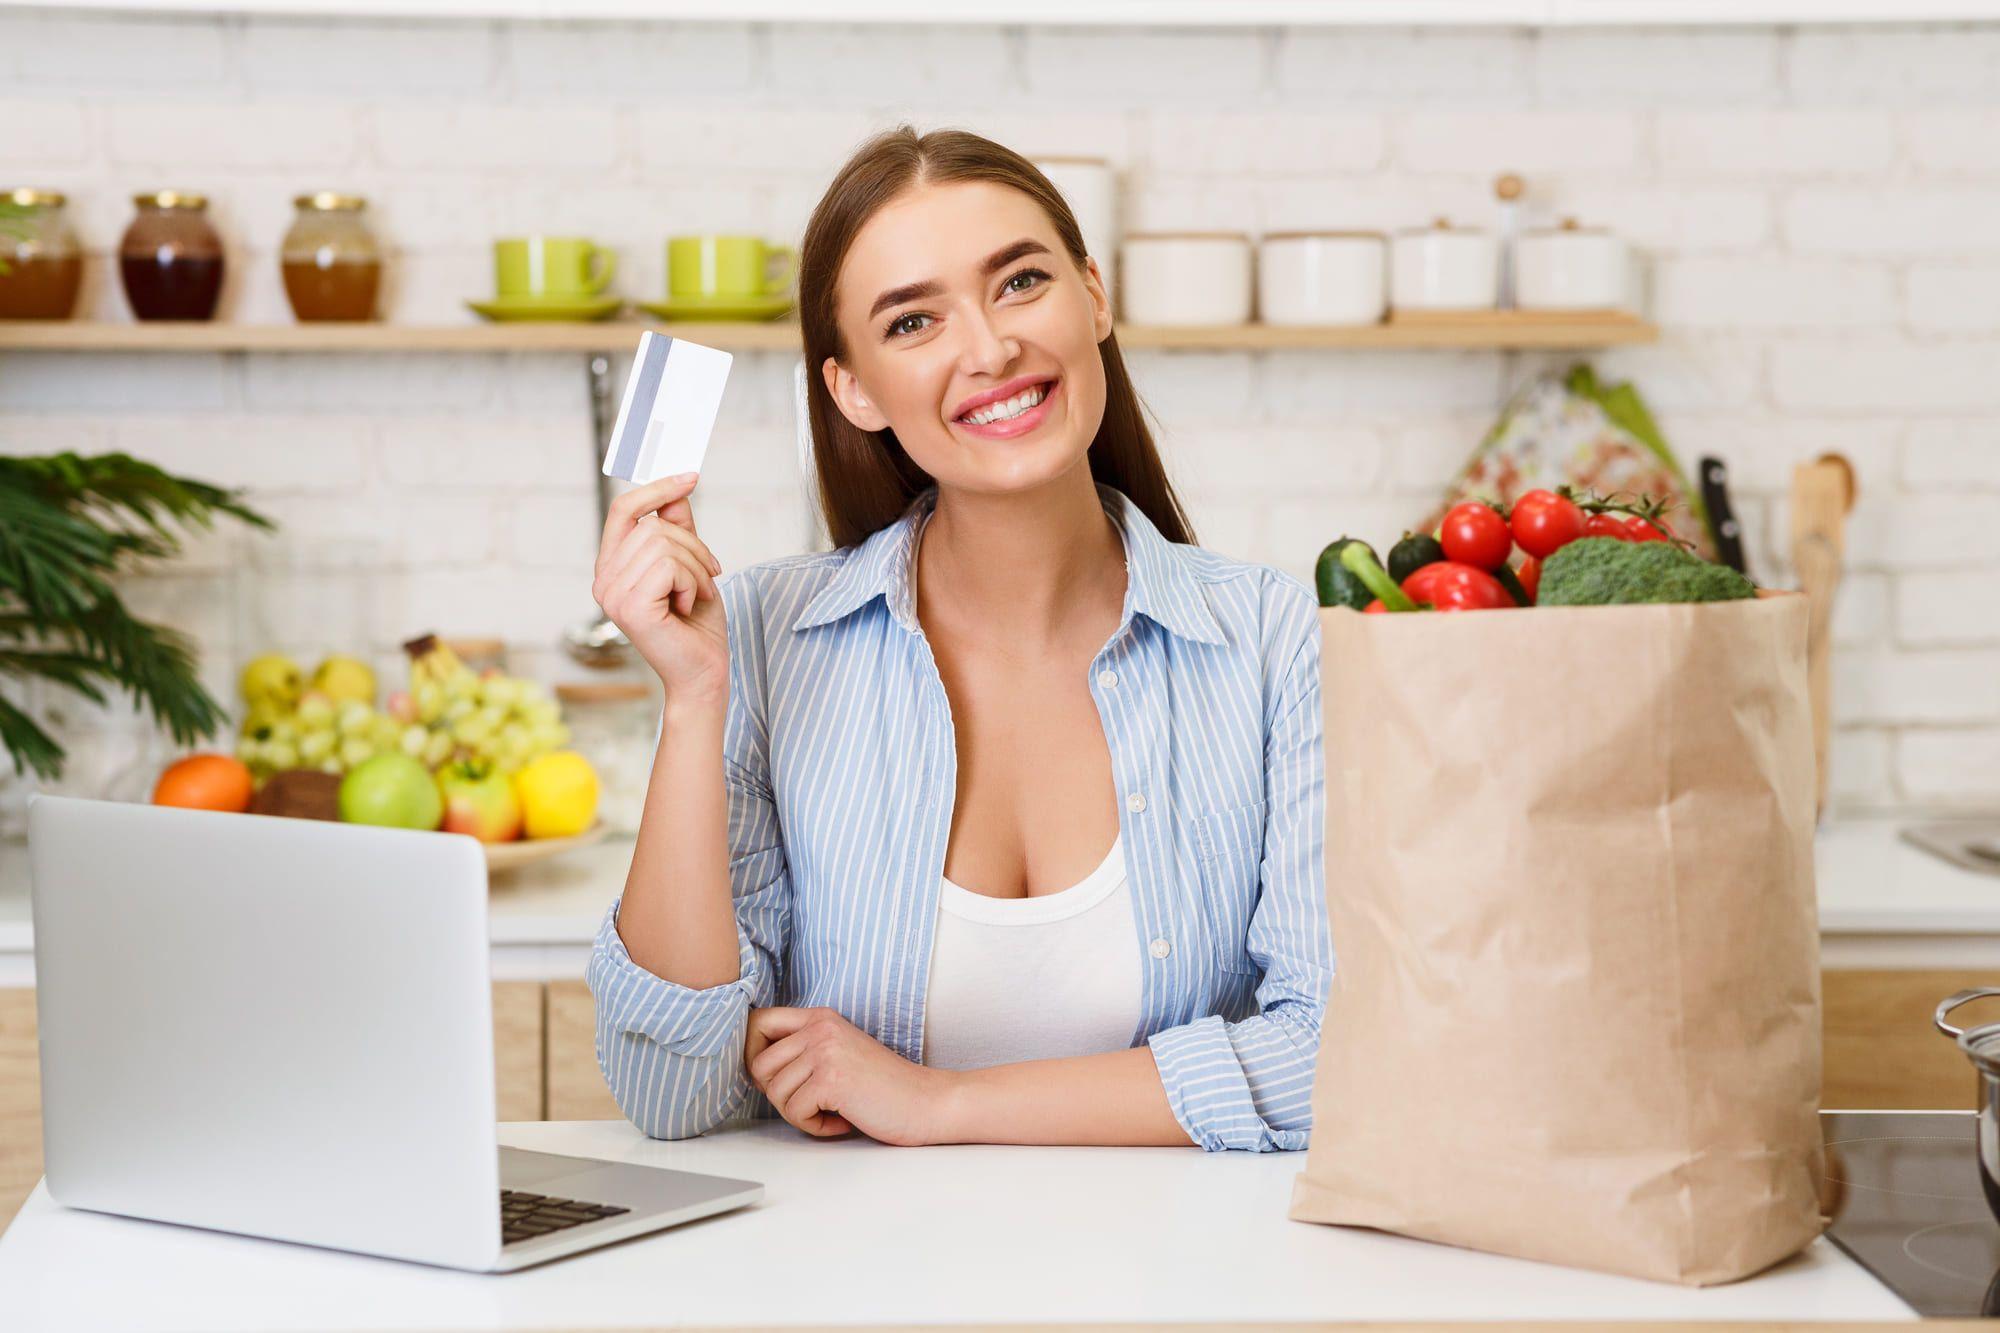 知らなきゃ損する?2019年10月スタート! 消費者還元事業と4種類のキャッシュレス決済概要